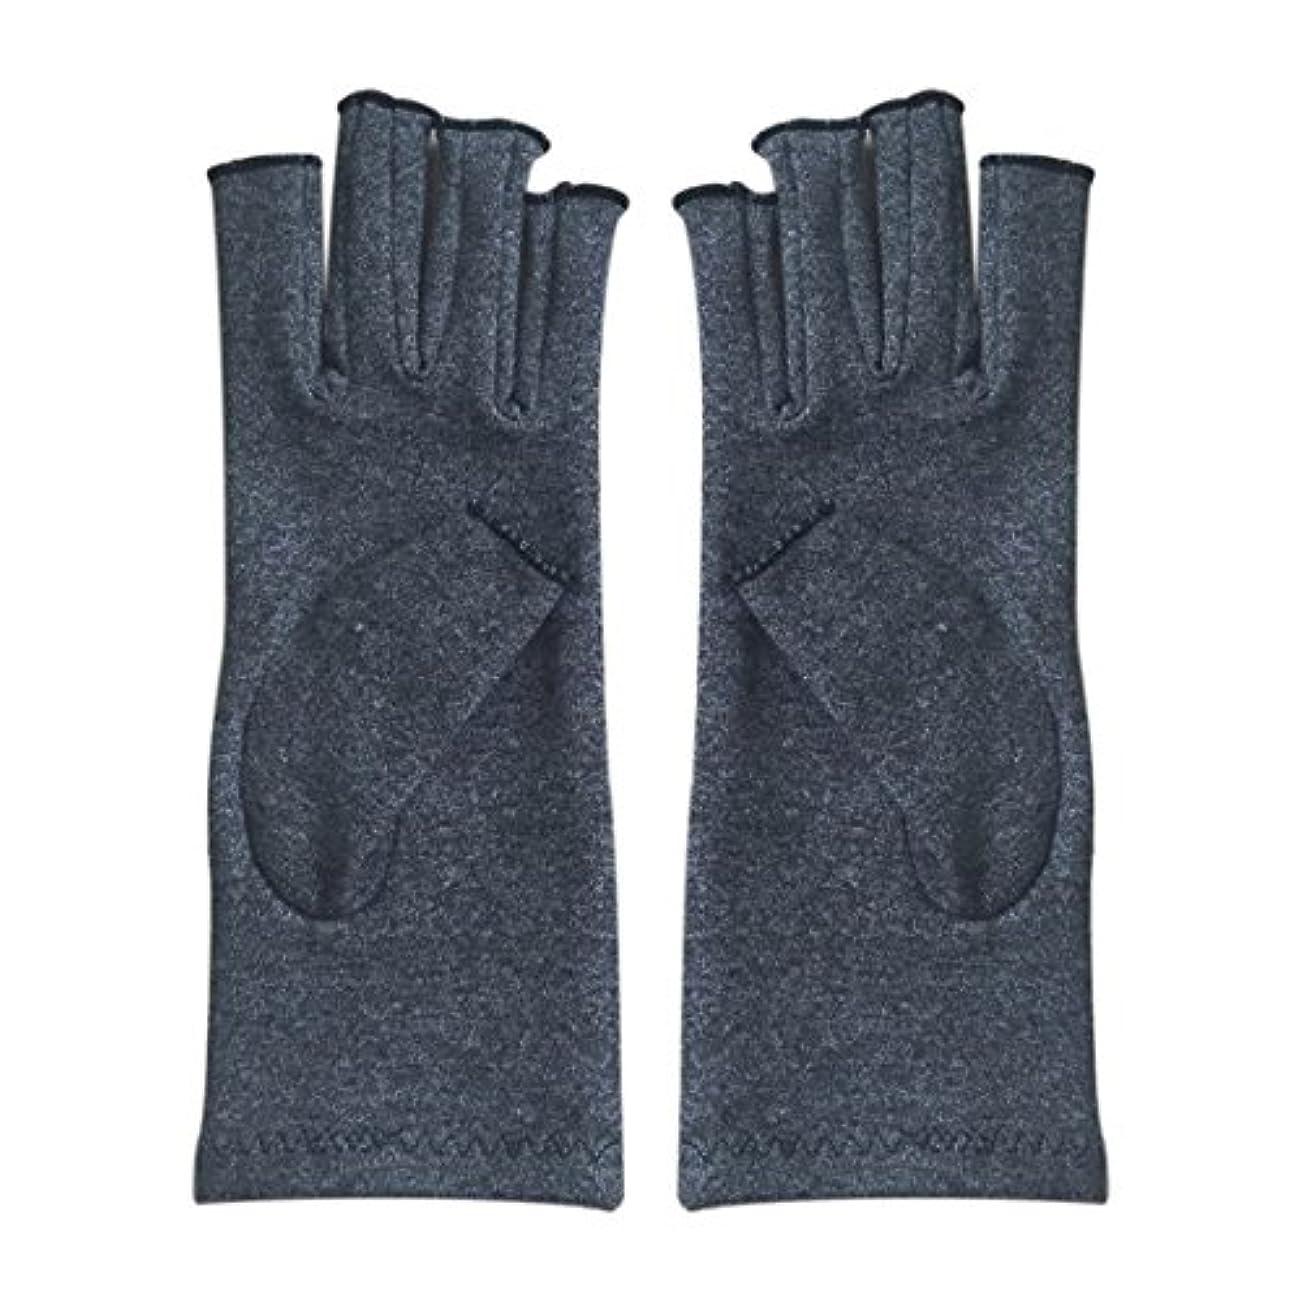 補正リーはがきSODIAL 1ペア成人男性女性用弾性コットンコンプレッション手袋手関節炎関節痛鎮痛軽減S -灰色、S